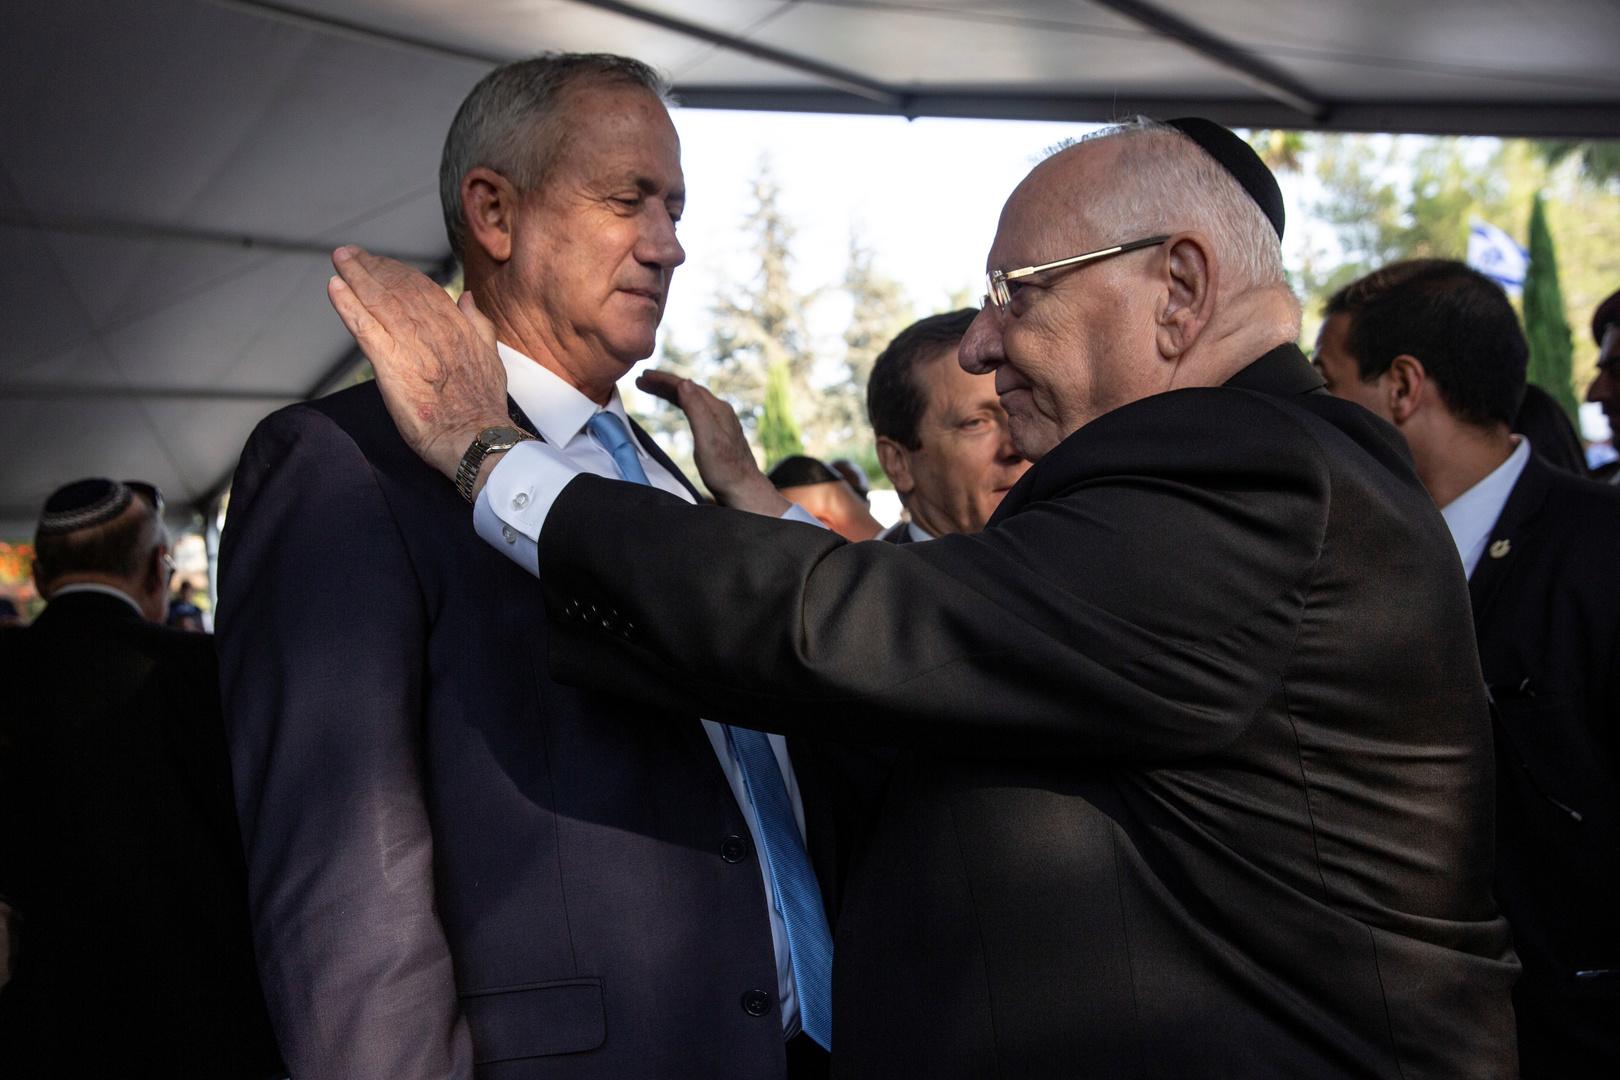 غانتس يلتقي رئيس إسرائيل قبل 4 أيام من انقضاء مهلة تشكيل الحكومة